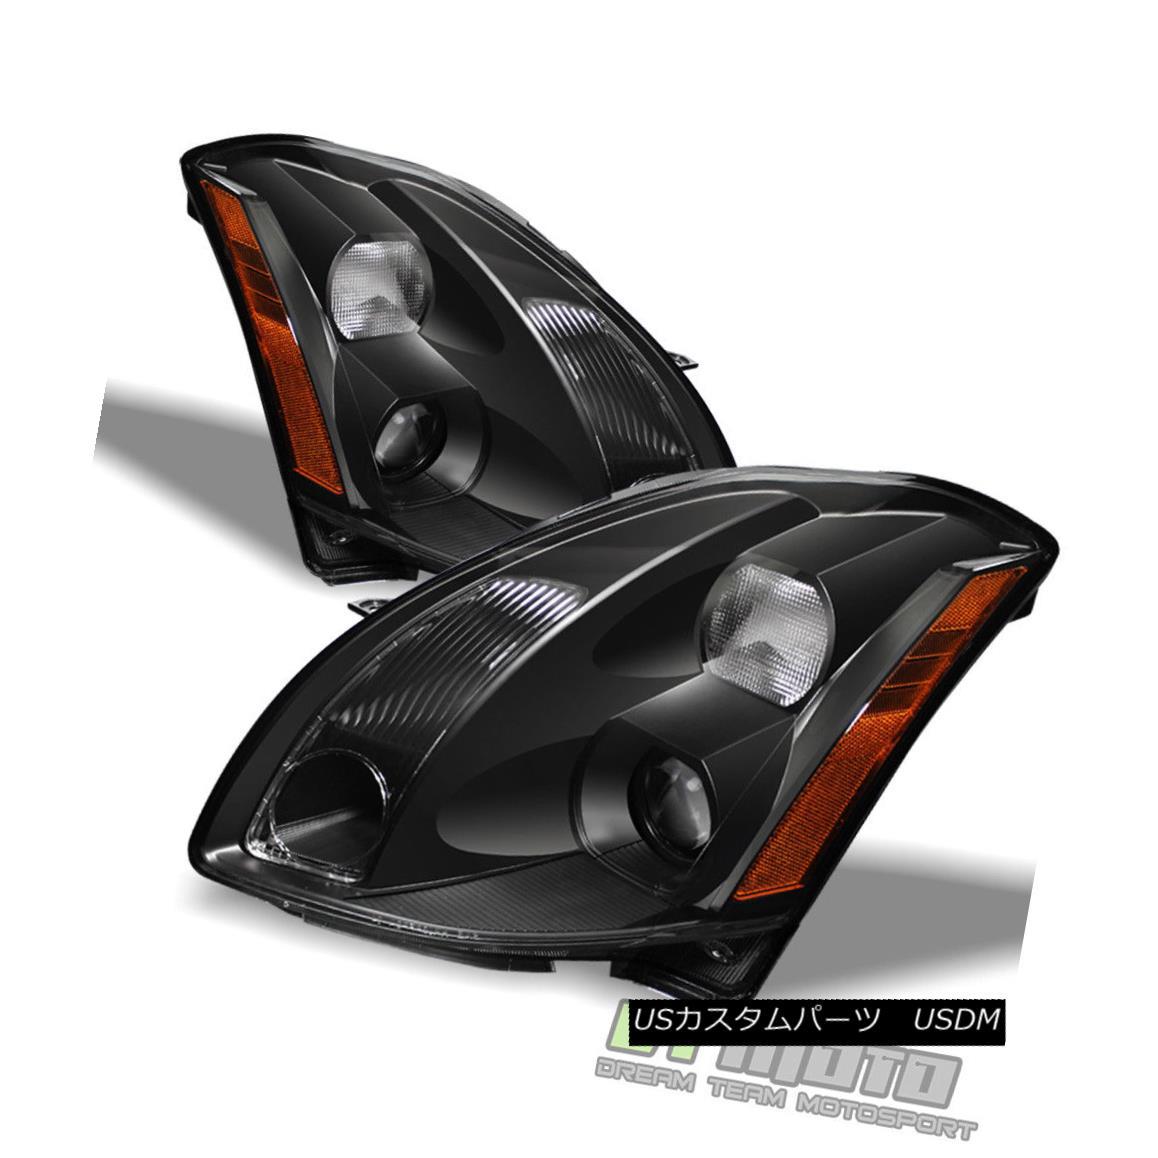 ヘッドライト For 2004-2006 Maxima Black JDM Headlights Headlamps Replacement 04-06 Left+Right 2004-2006 Maxima Black JDMヘッドライトヘッドランプ交換04-06 Left + Right